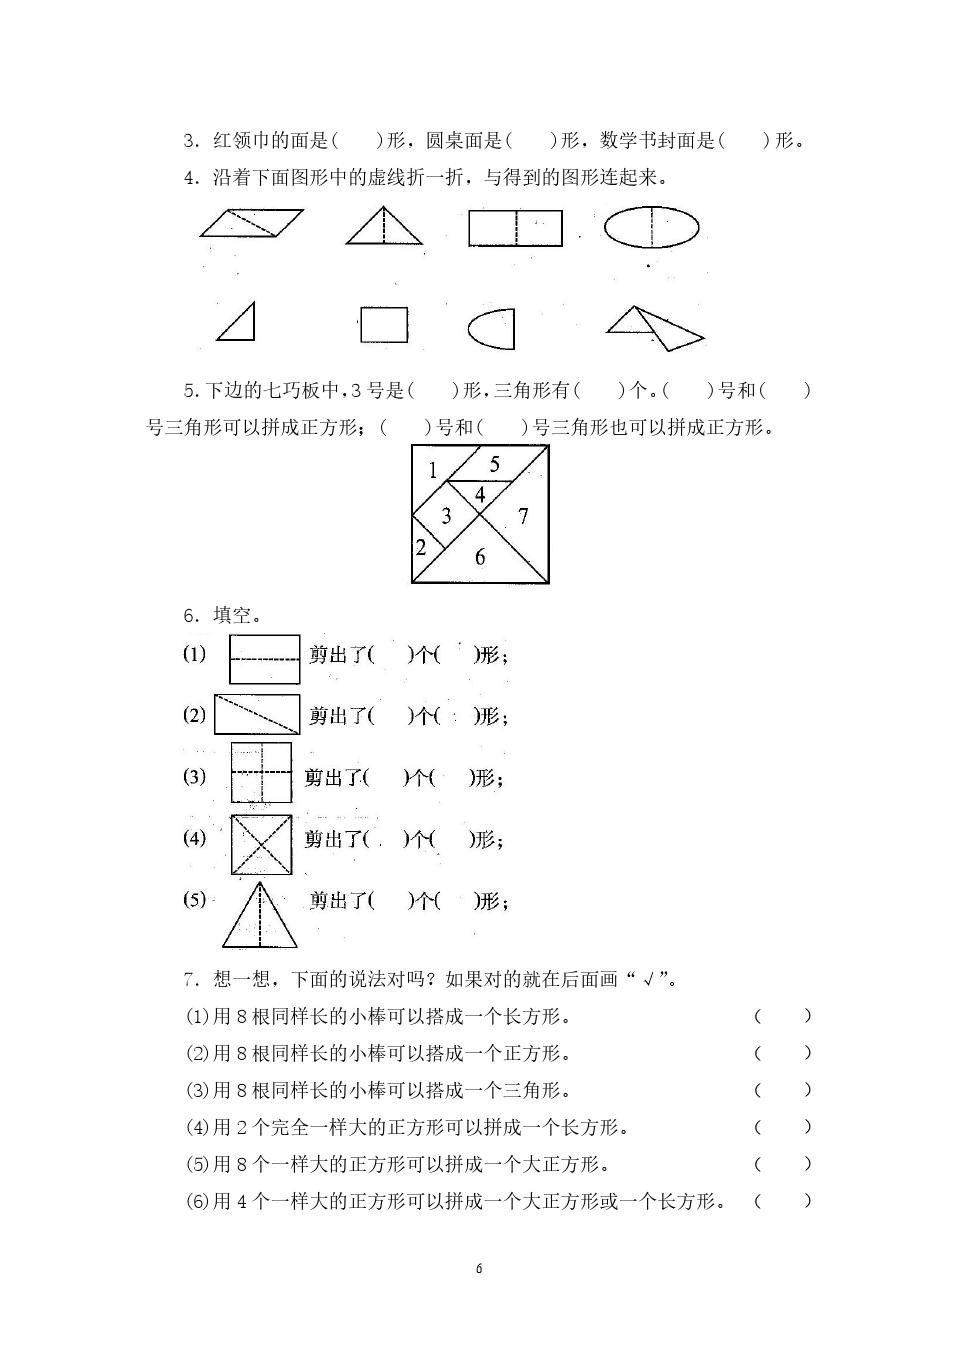 2018苏教版1一年级下册数学学习能力检测试卷(全套)答案图片